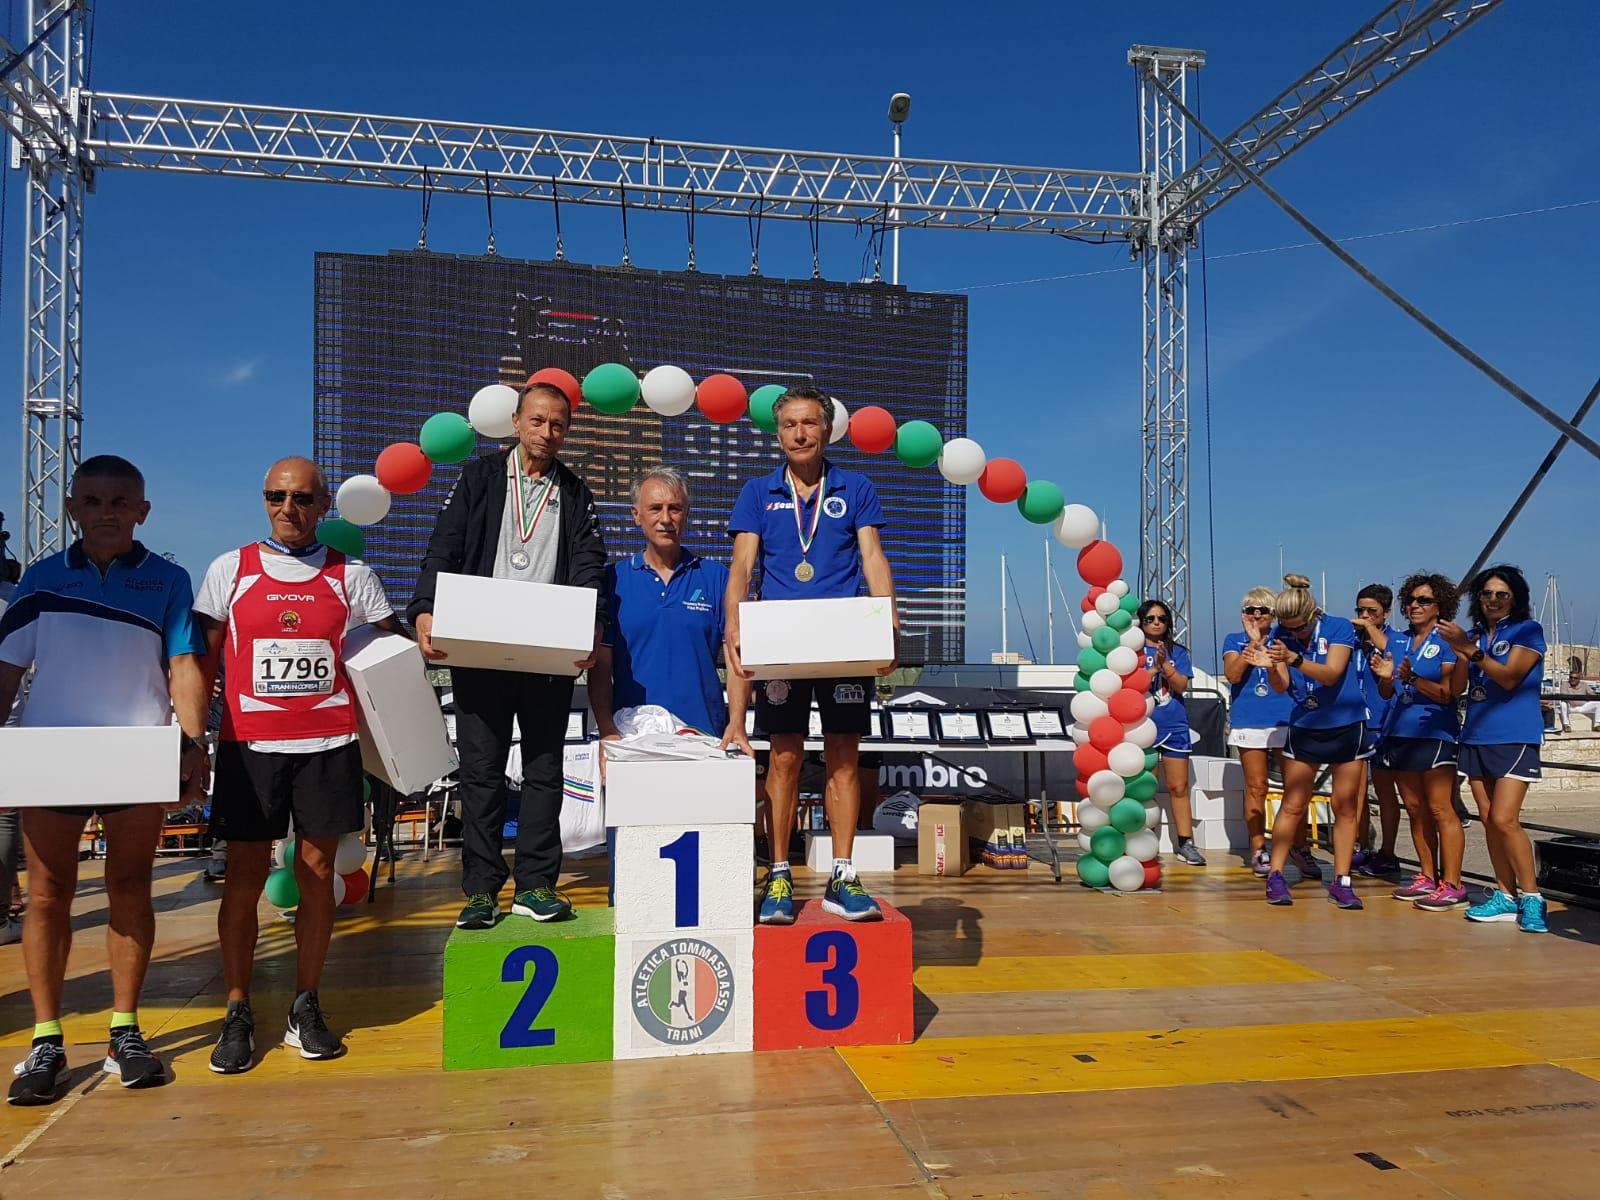 Photo of Successo per l'atleta sanseverese Francesco Scanzano al Campionato Italiano mezza maratona a Trani